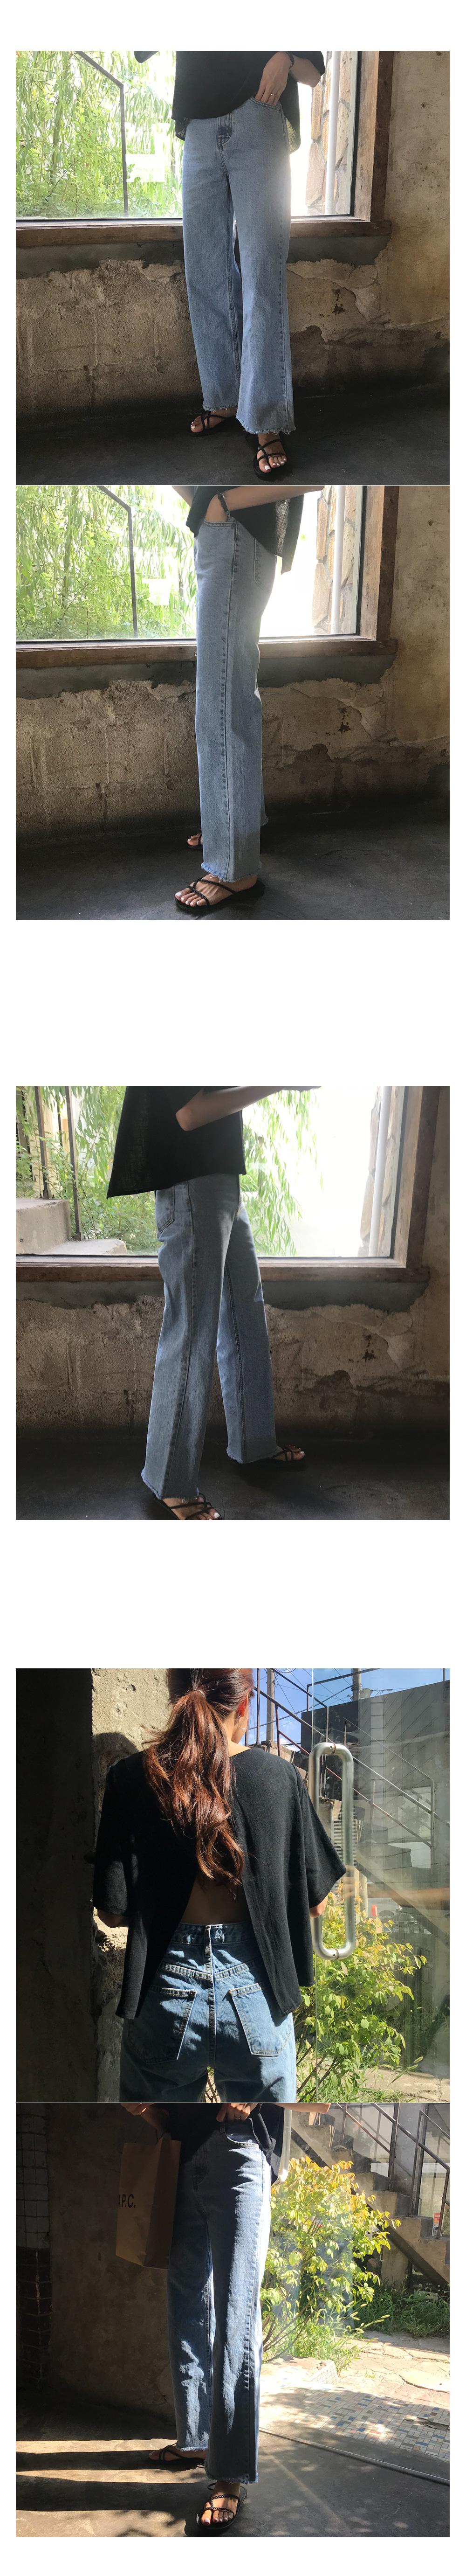 Clad Wide Denim Pants